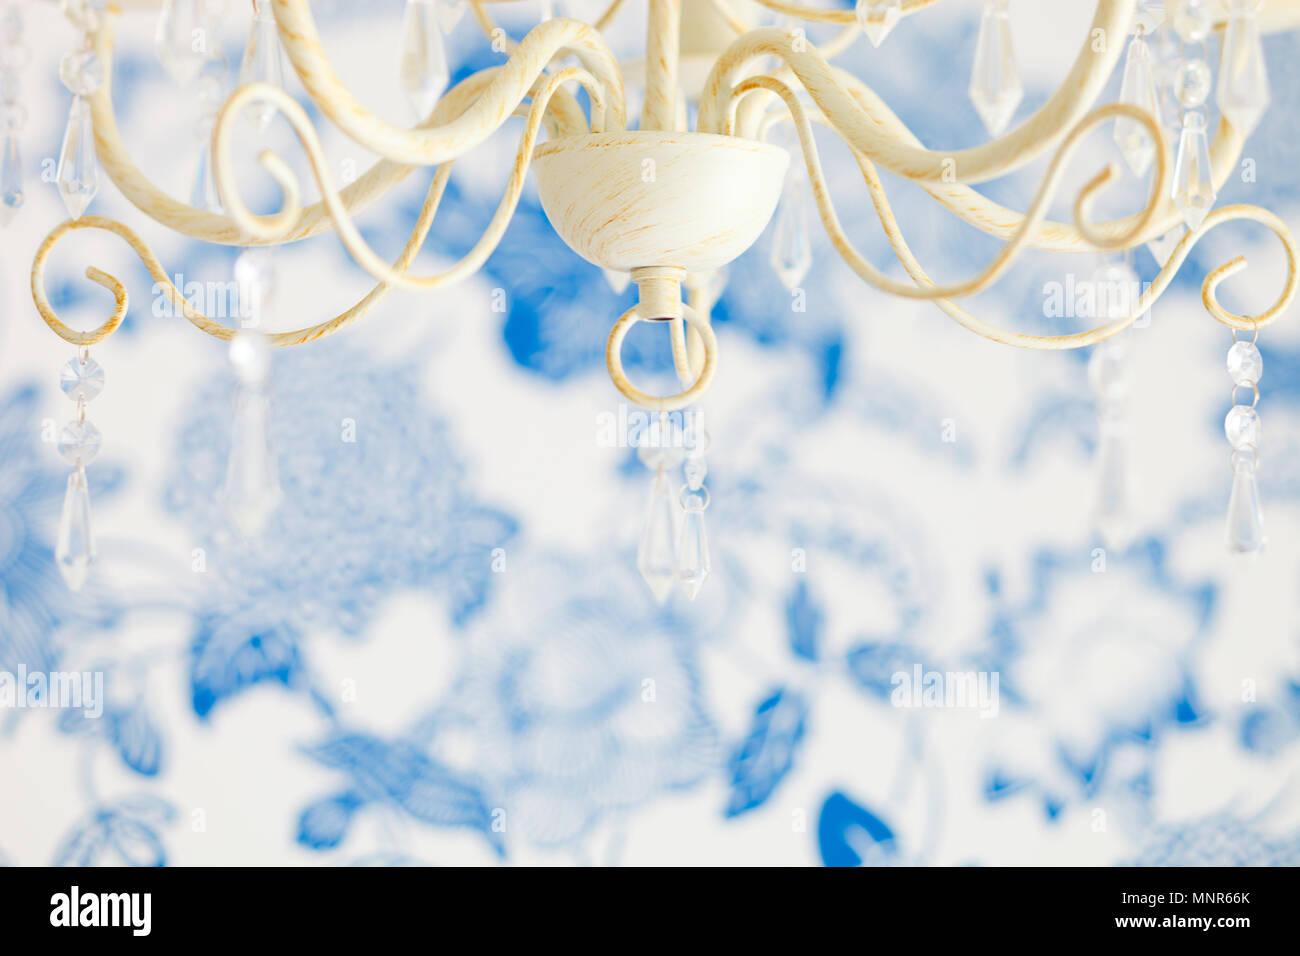 Camere Da Letto Arredate Vintage : Primo piano della lampada vintage in camera da letto arredata con